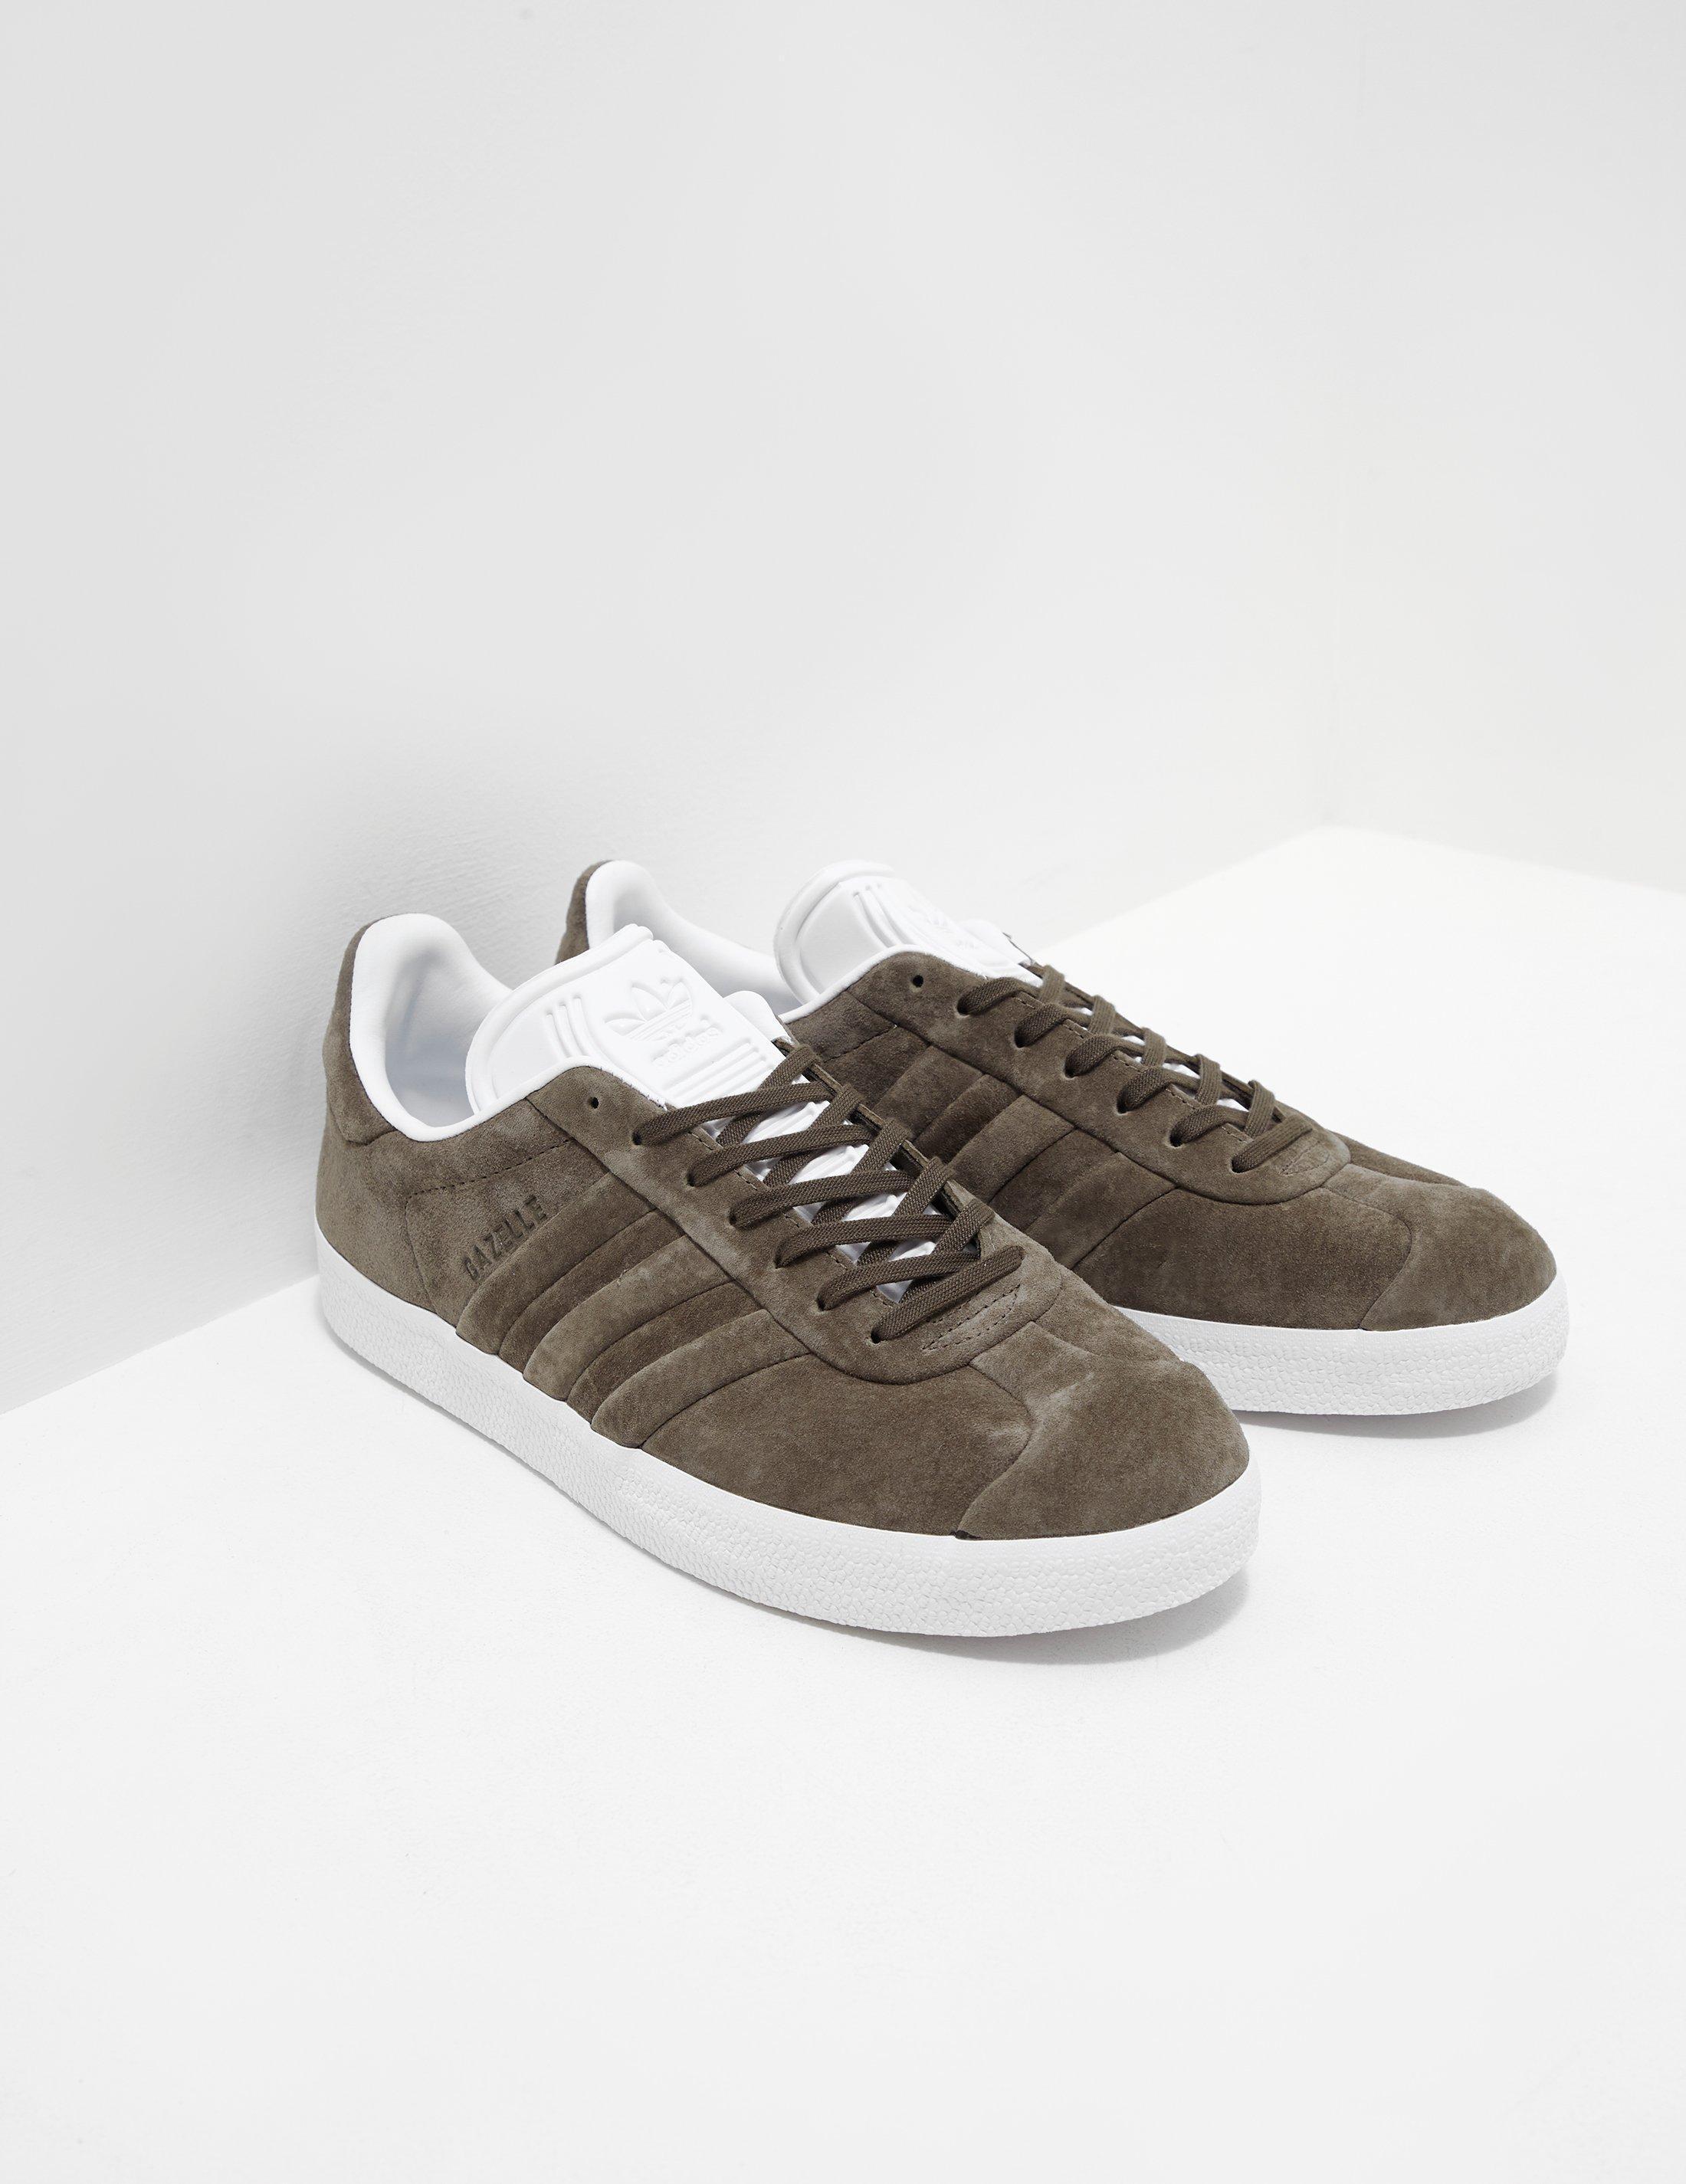 Lyst Adidas Originali Uomo Gazzella Stitch E Cachi In